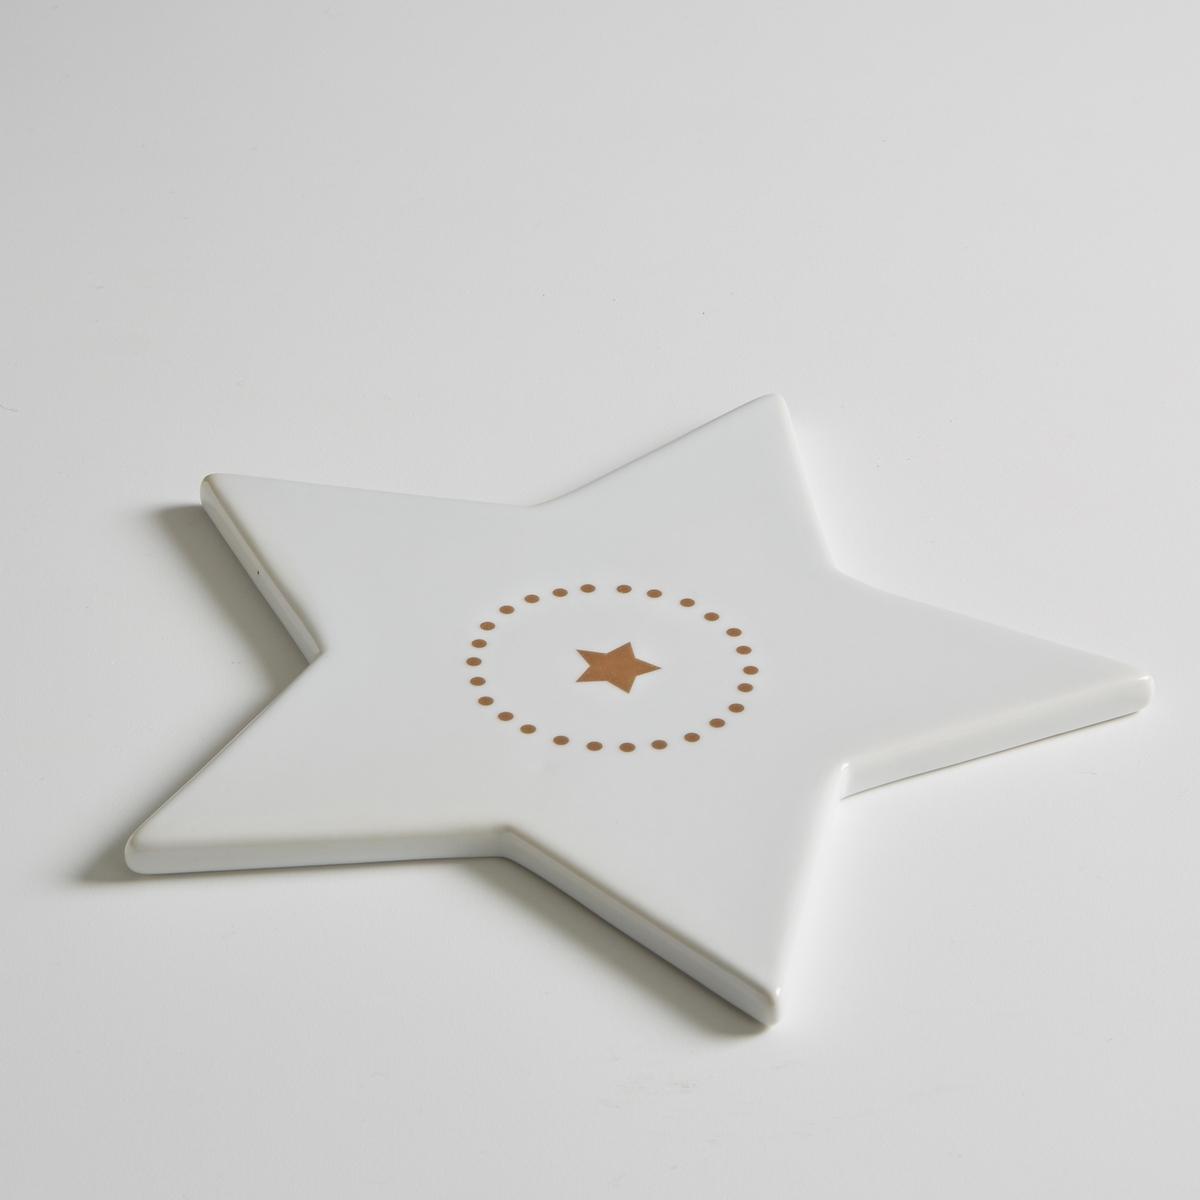 Подставка для блюда в форме звезды из фарфора, Kubler комплект из 4 колец для салфеток kubler